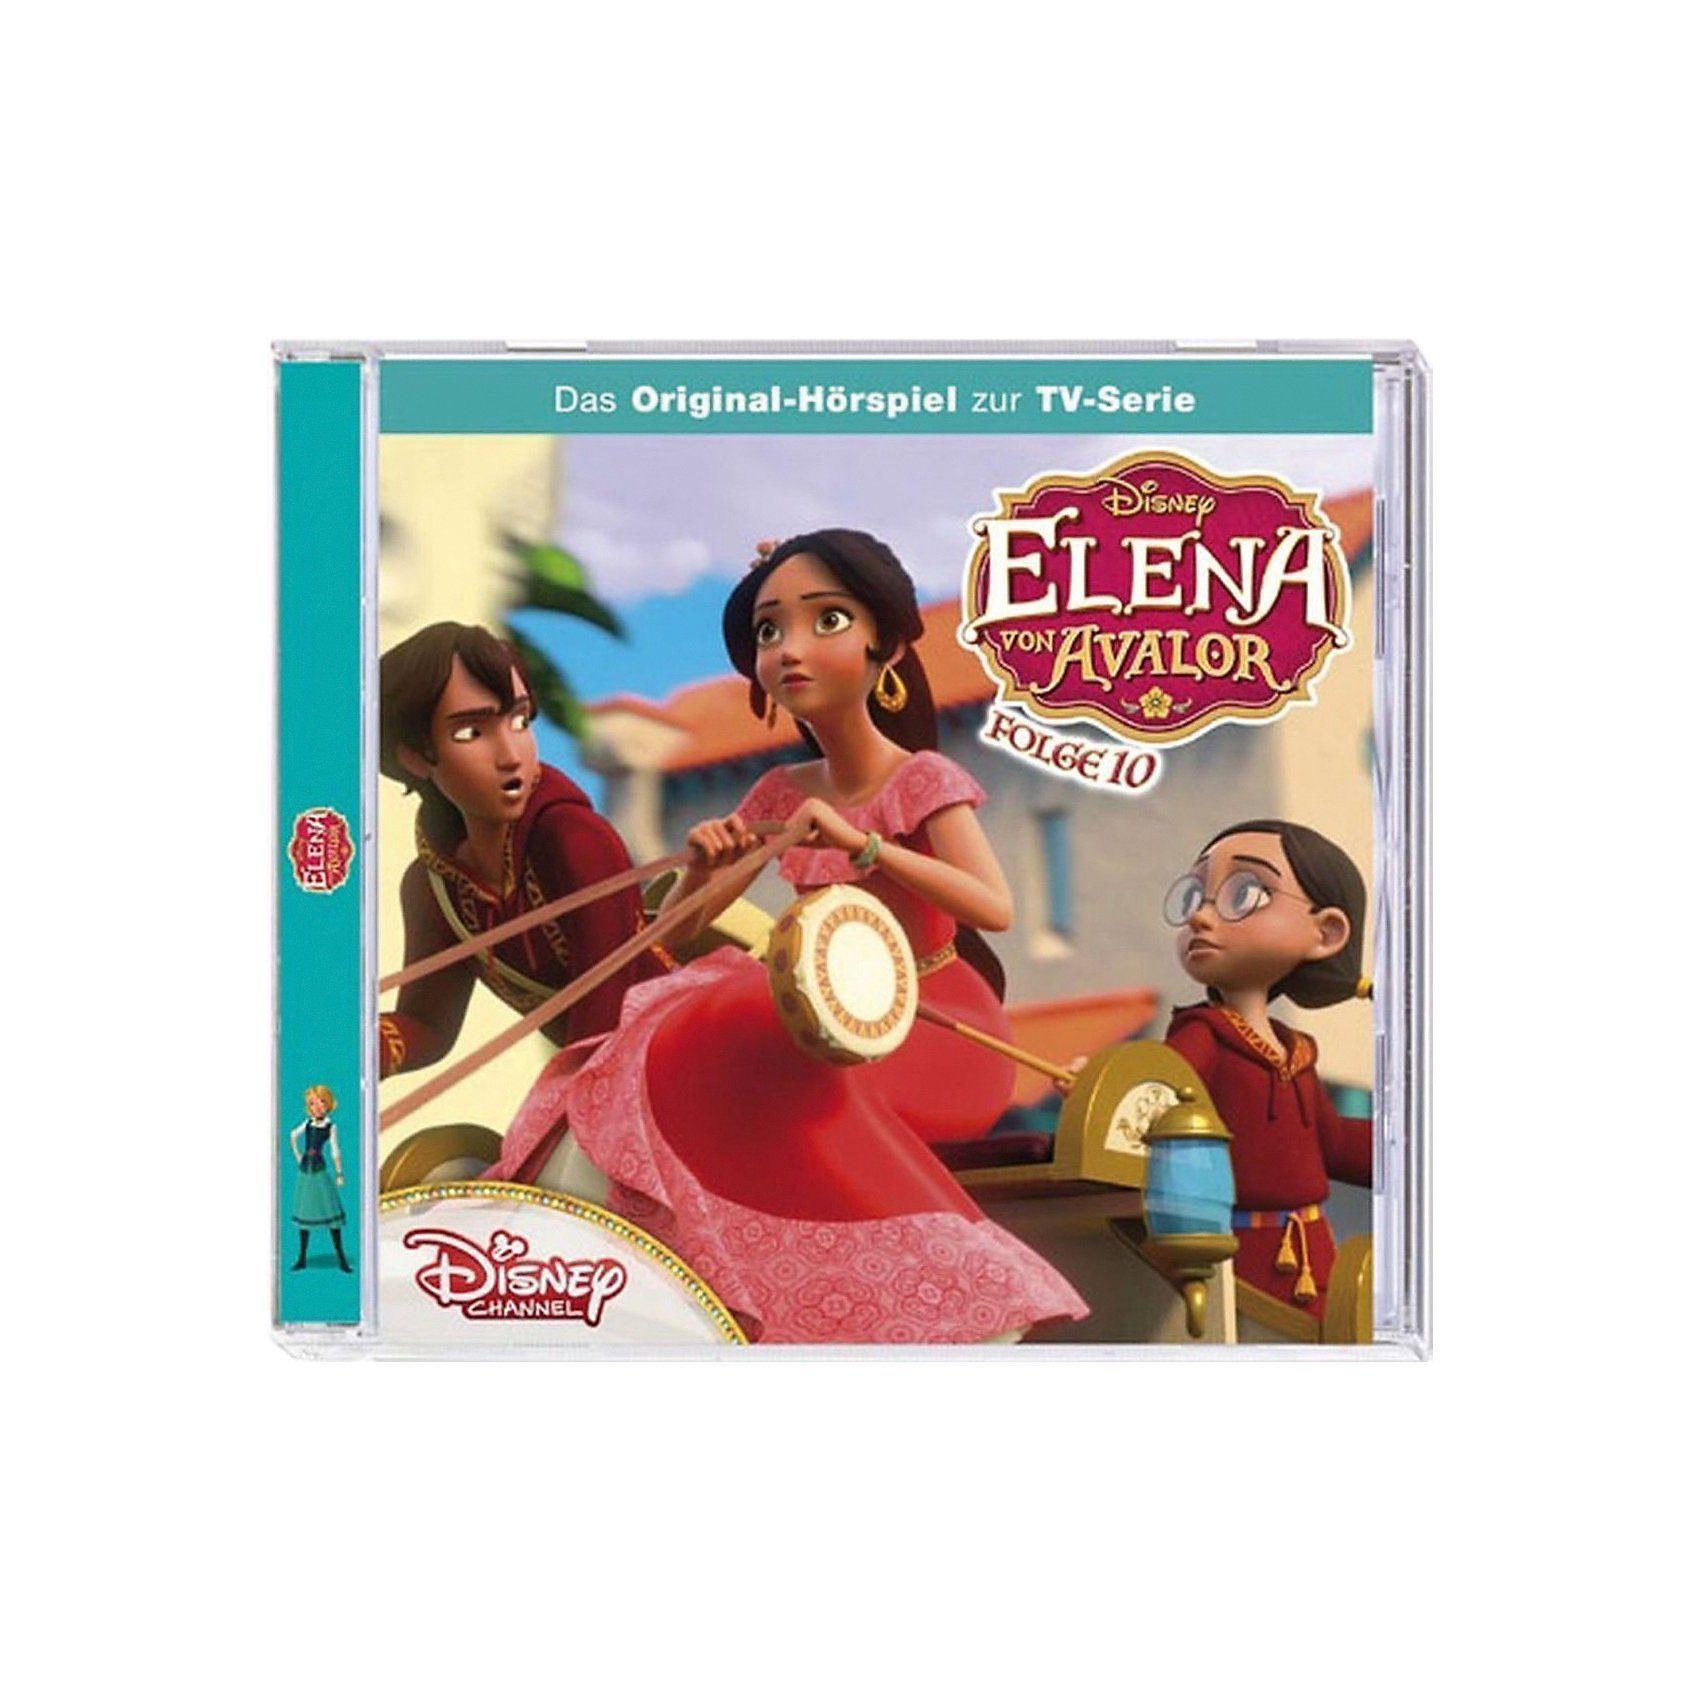 Kiddinx CD Disney Elena von Avalor 10 - Naomis Verwandlung/Der Zaube